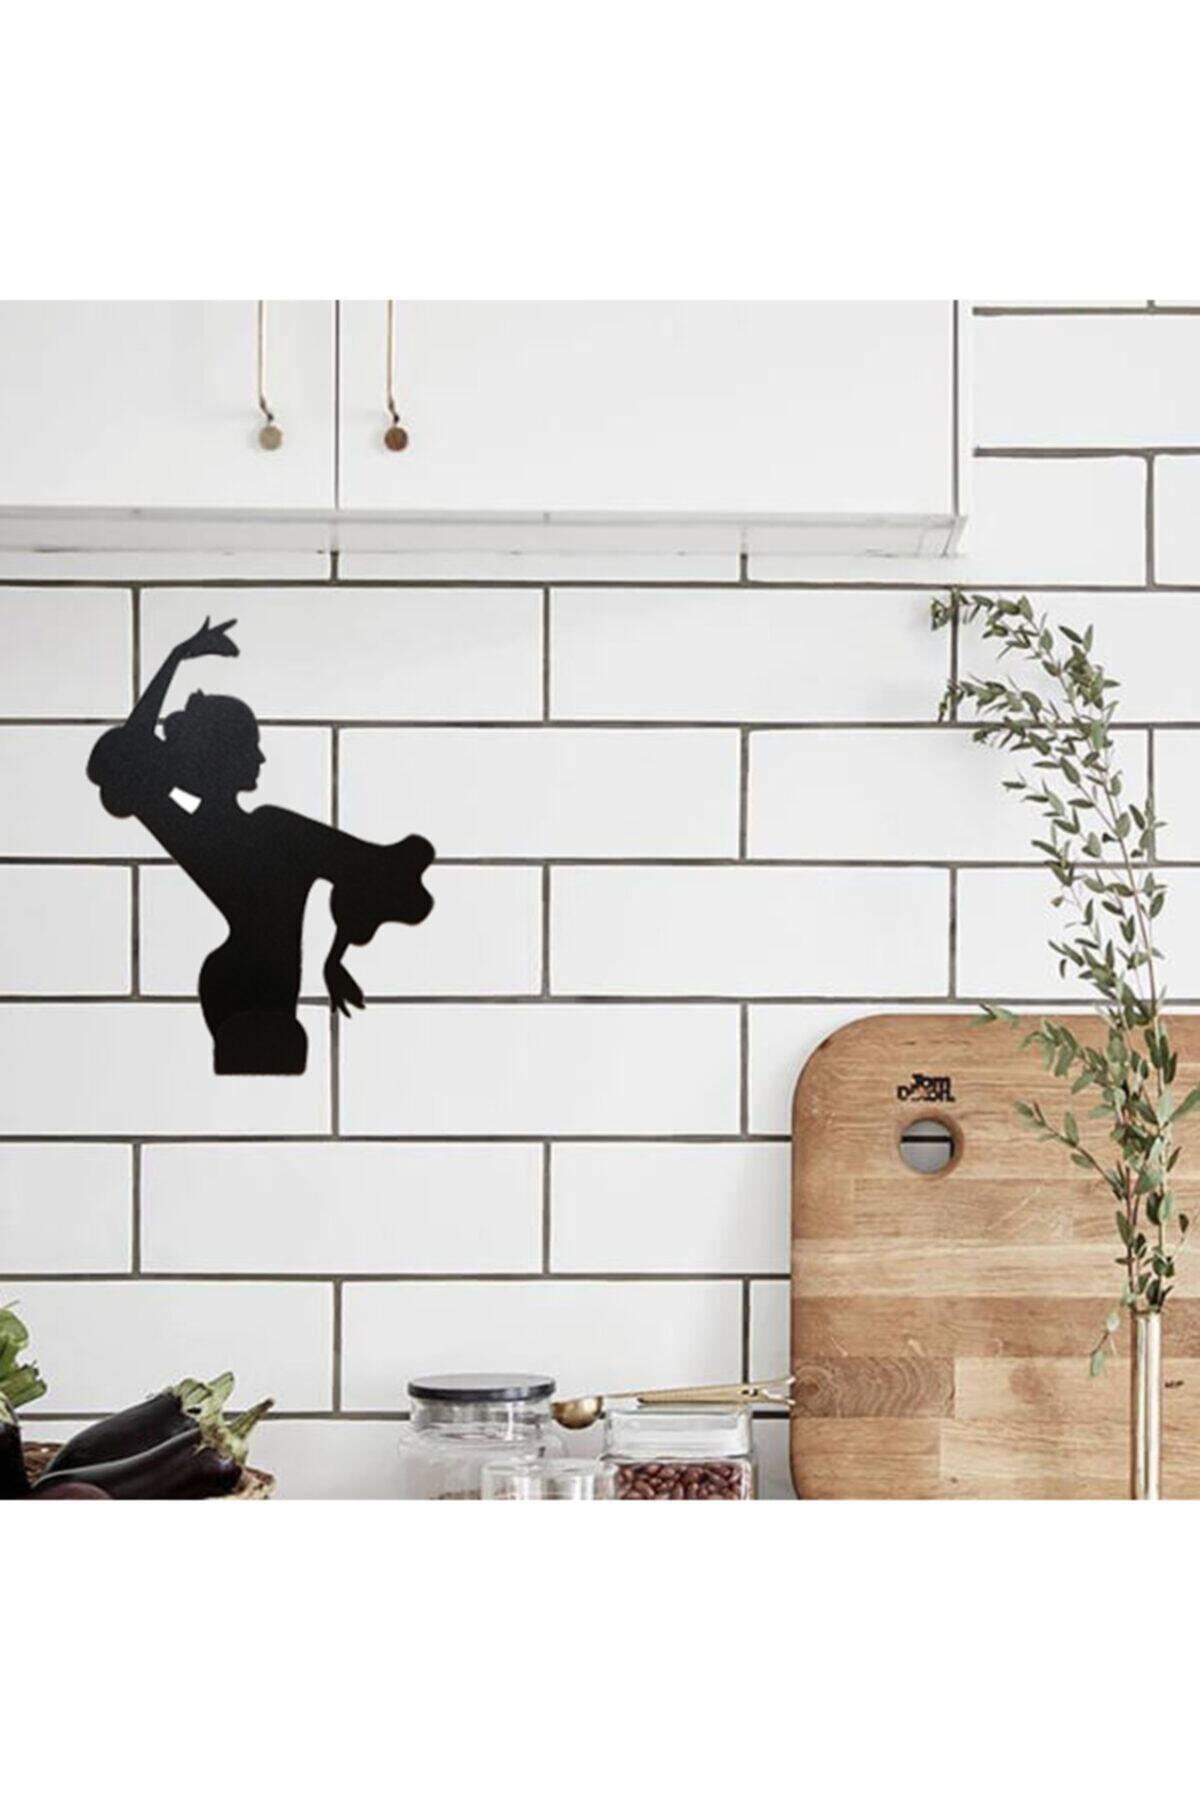 Tango Kadın Figürlü Havlu Kağıt Peçete Rulo Mutfak Askı Raf Asacağı